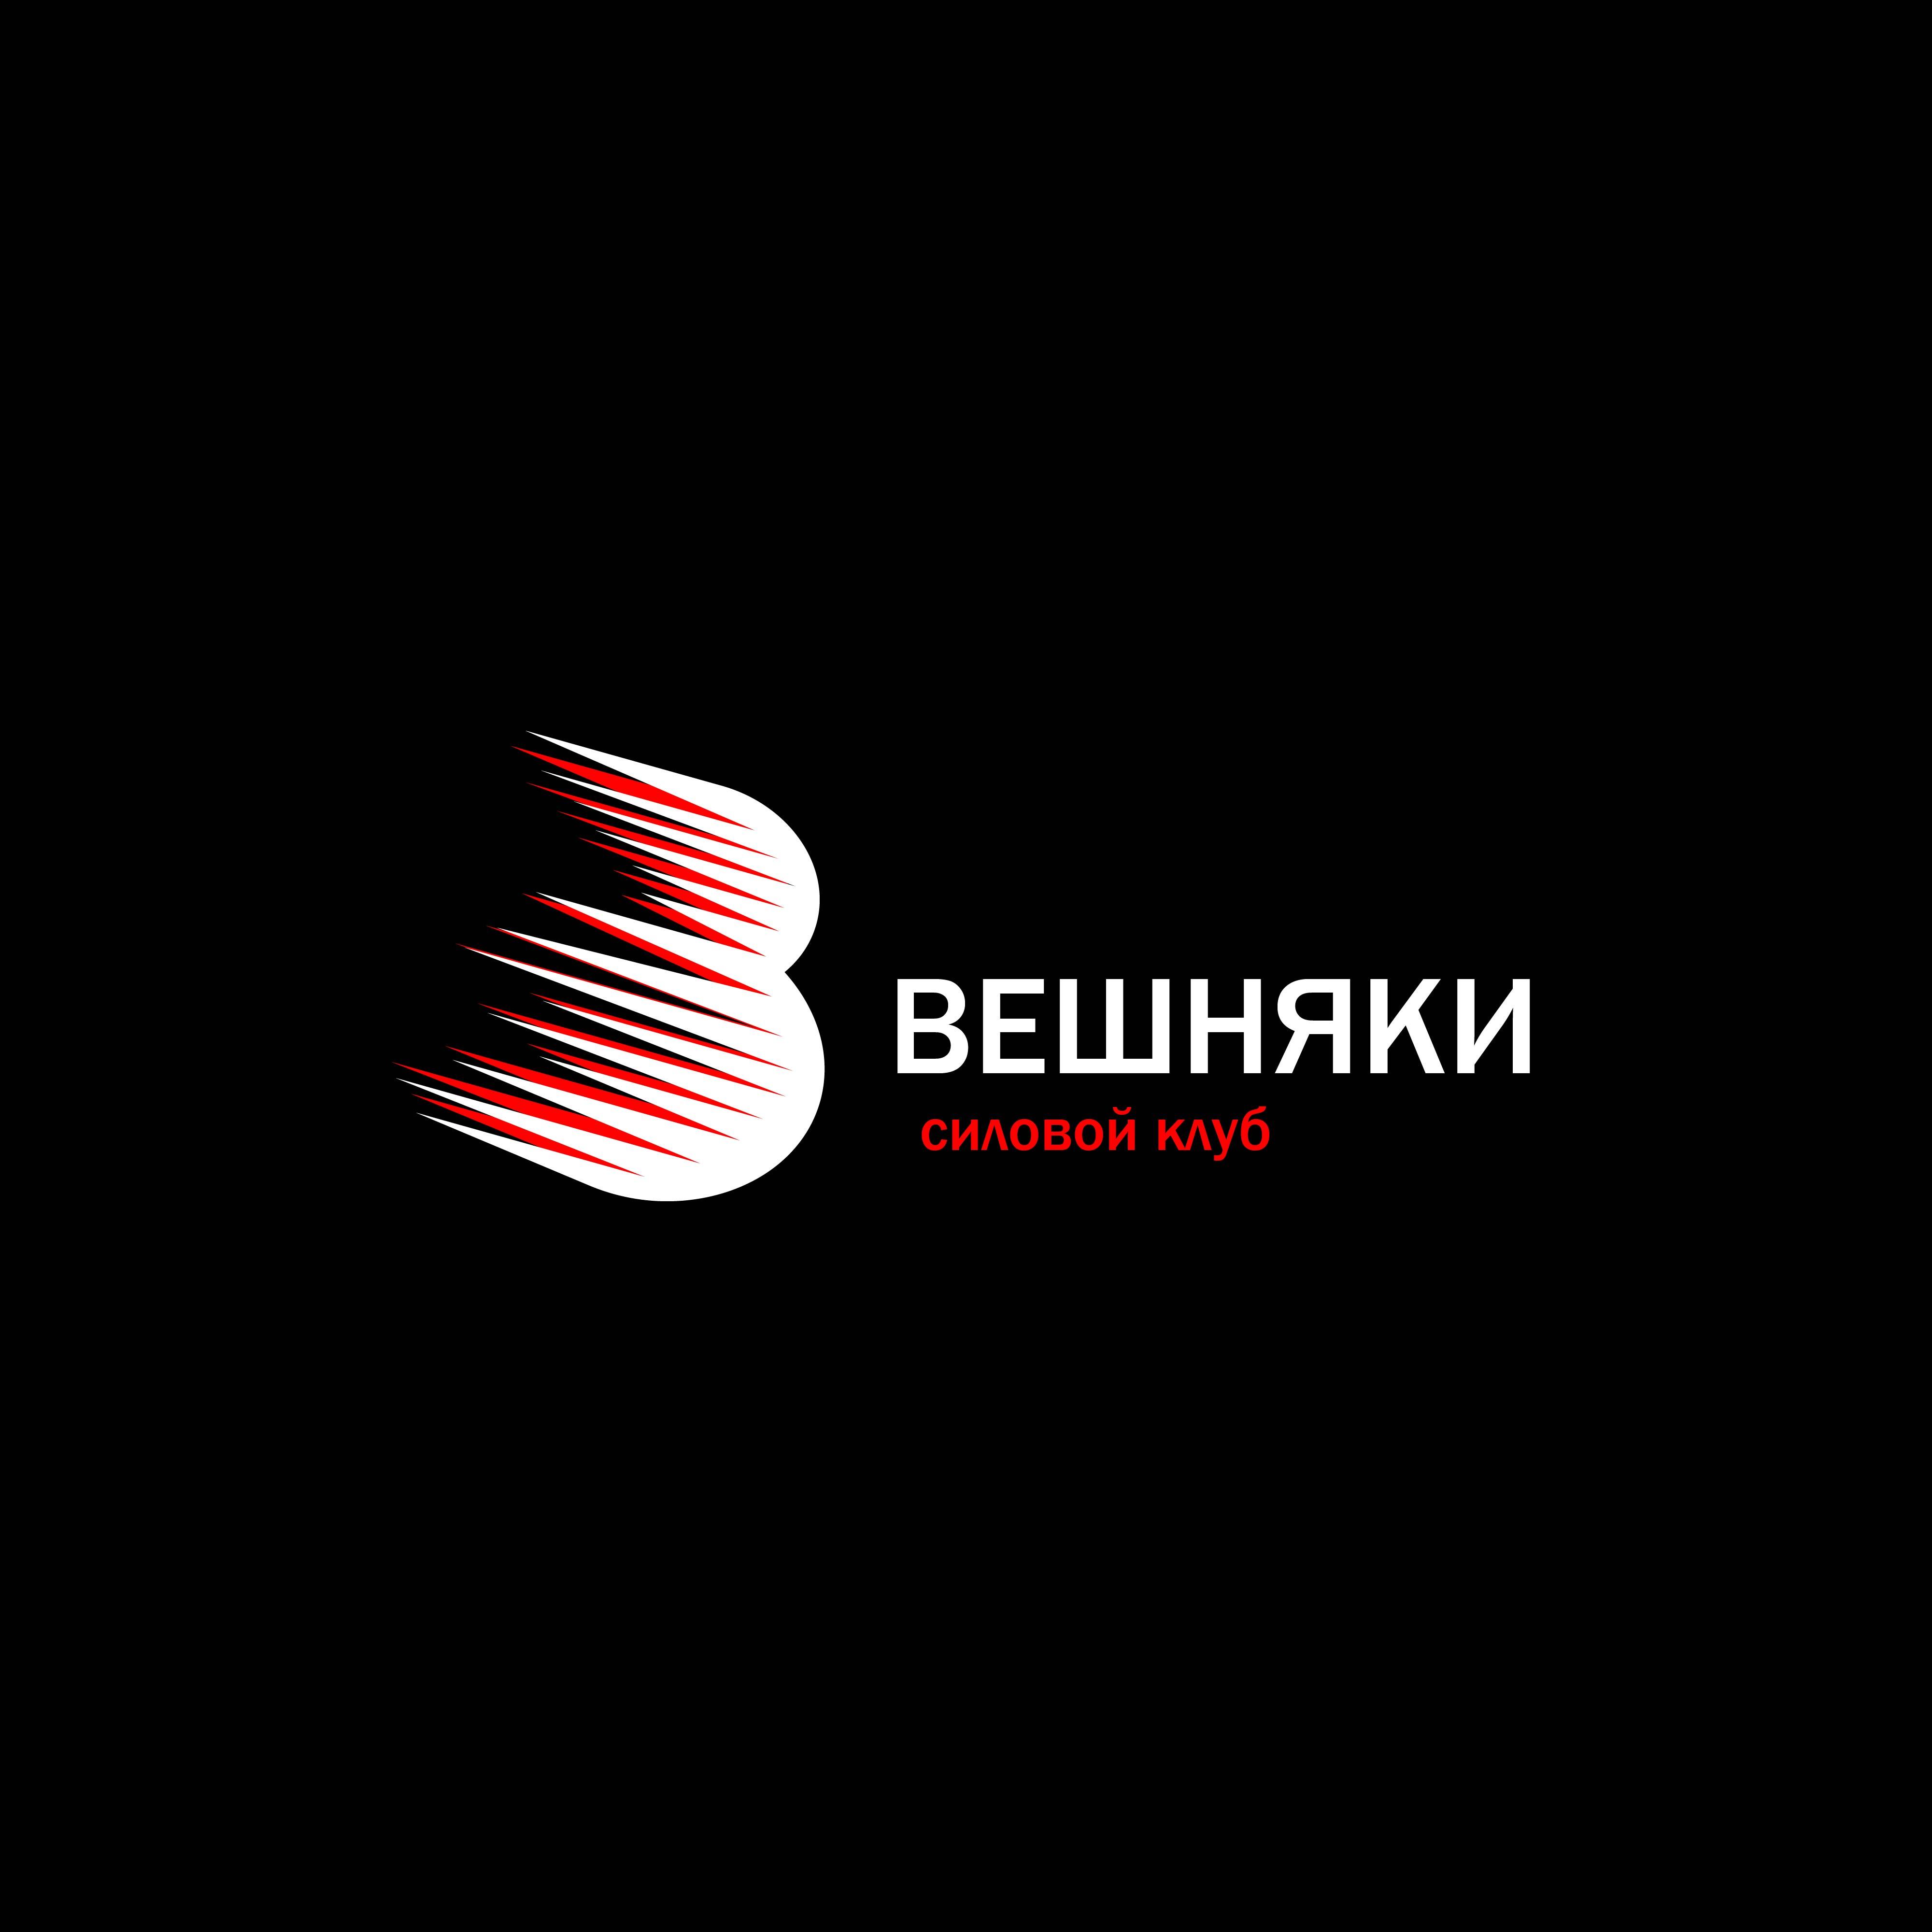 Адаптация (разработка) логотипа Силового клуба ВЕШНЯКИ в инт фото f_7455fbaa89a49bcf.jpg